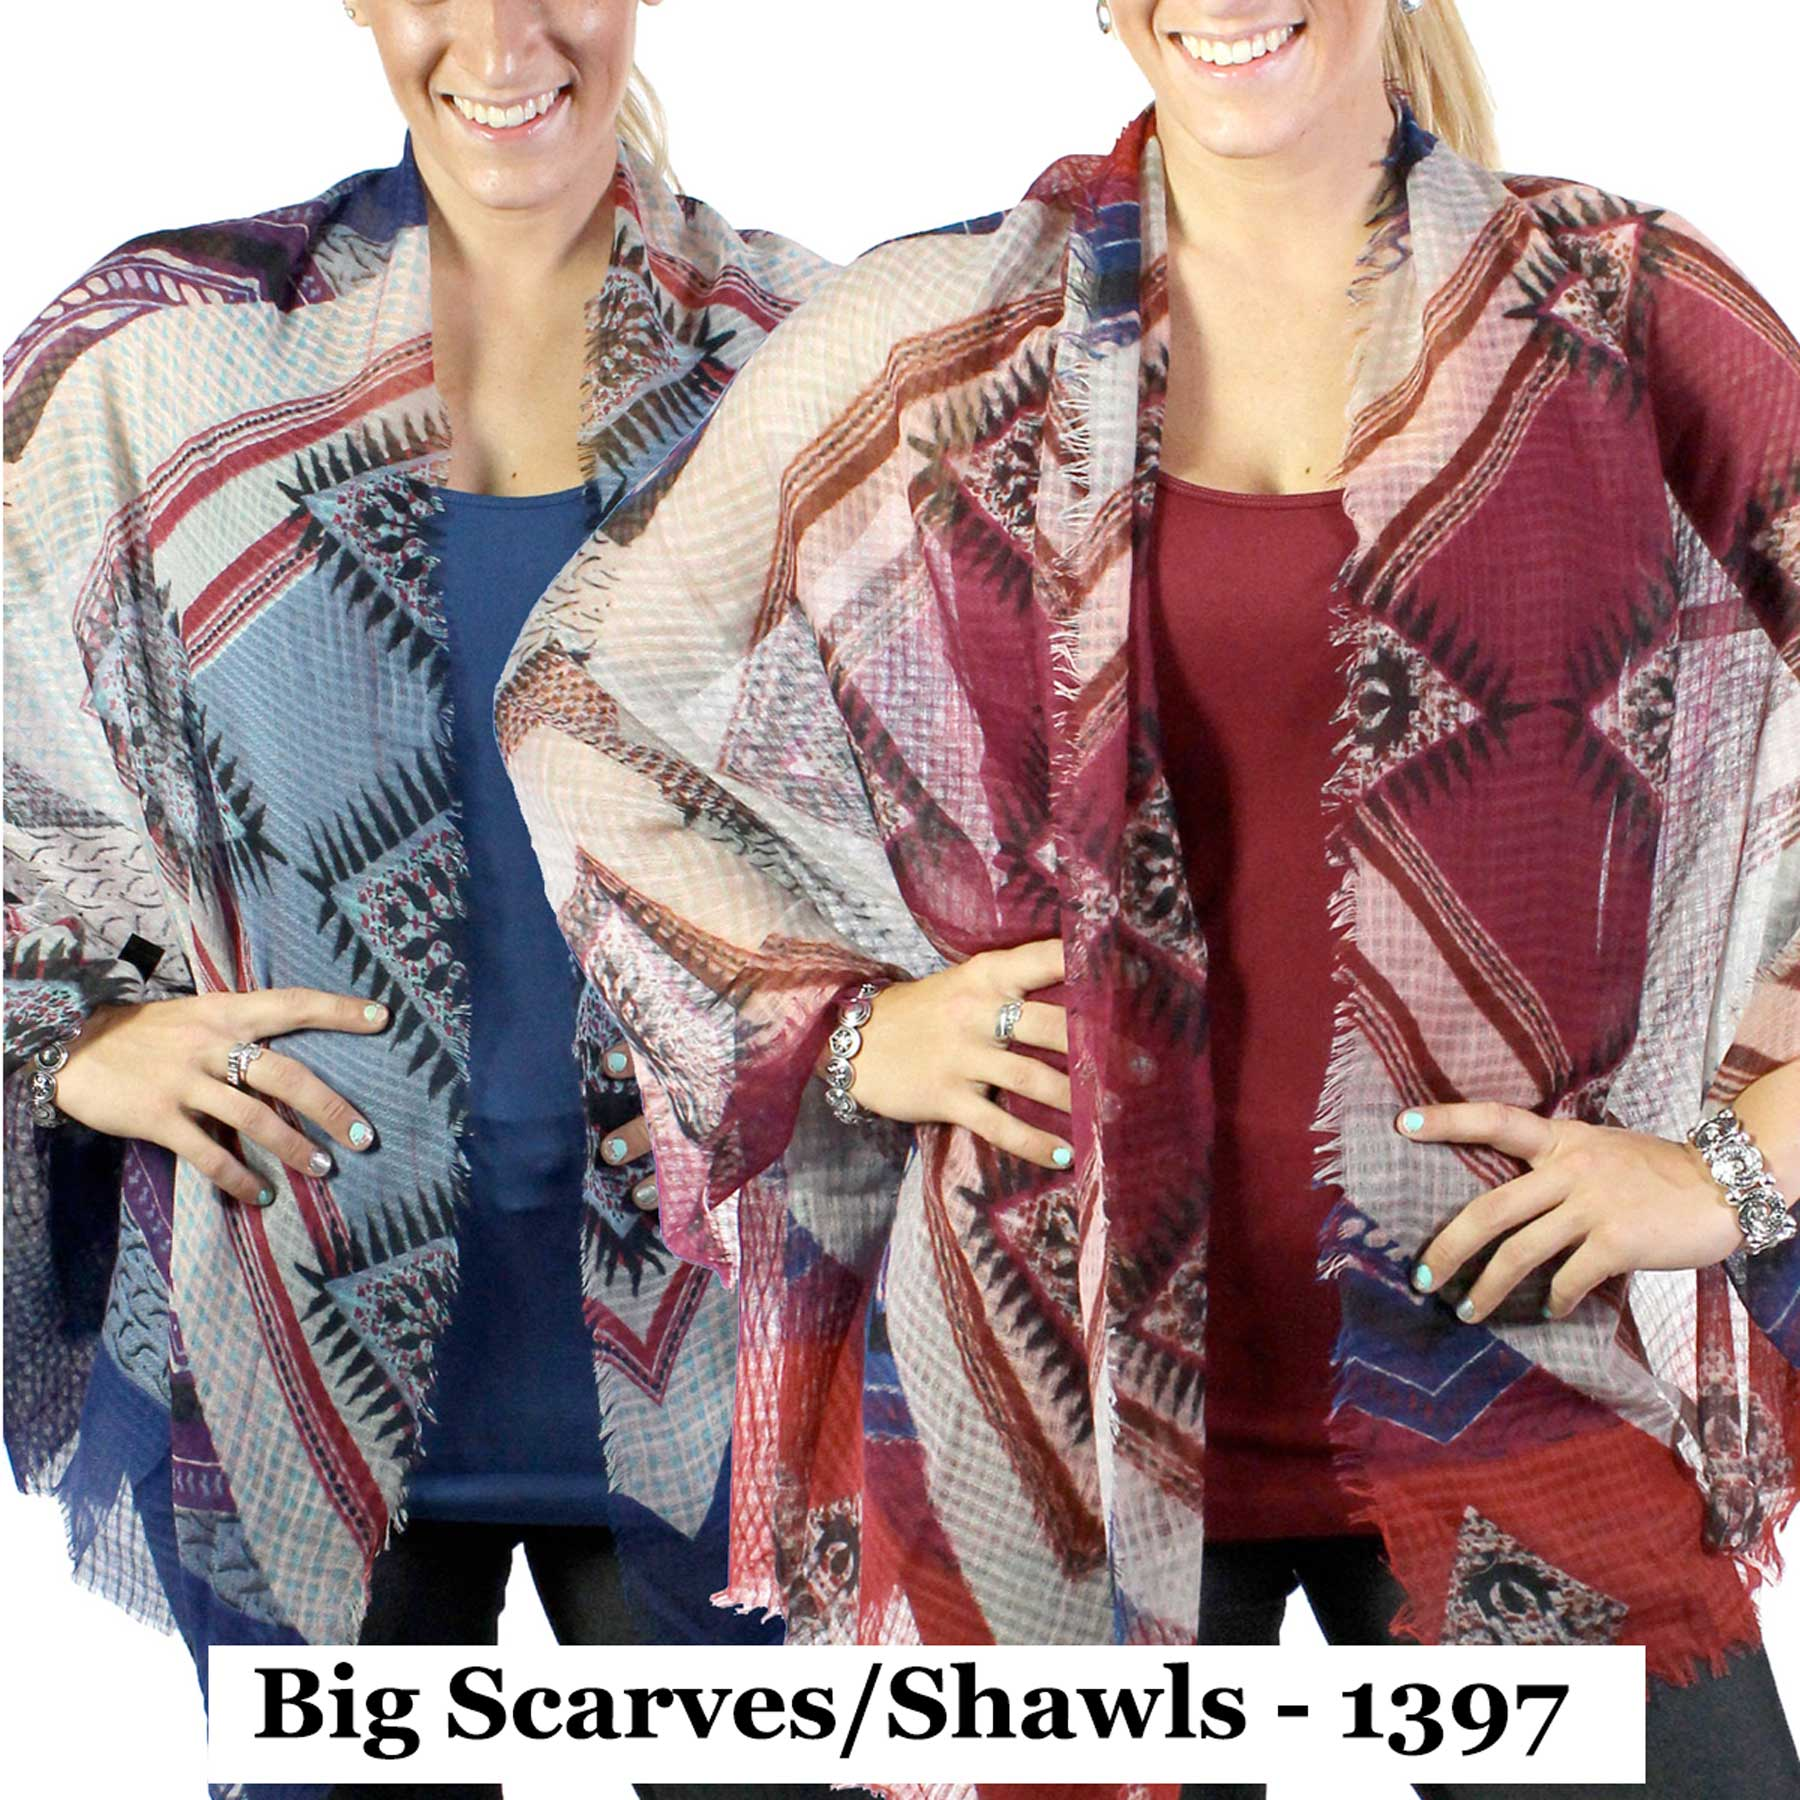 Big Scarves/Shawls - 1397